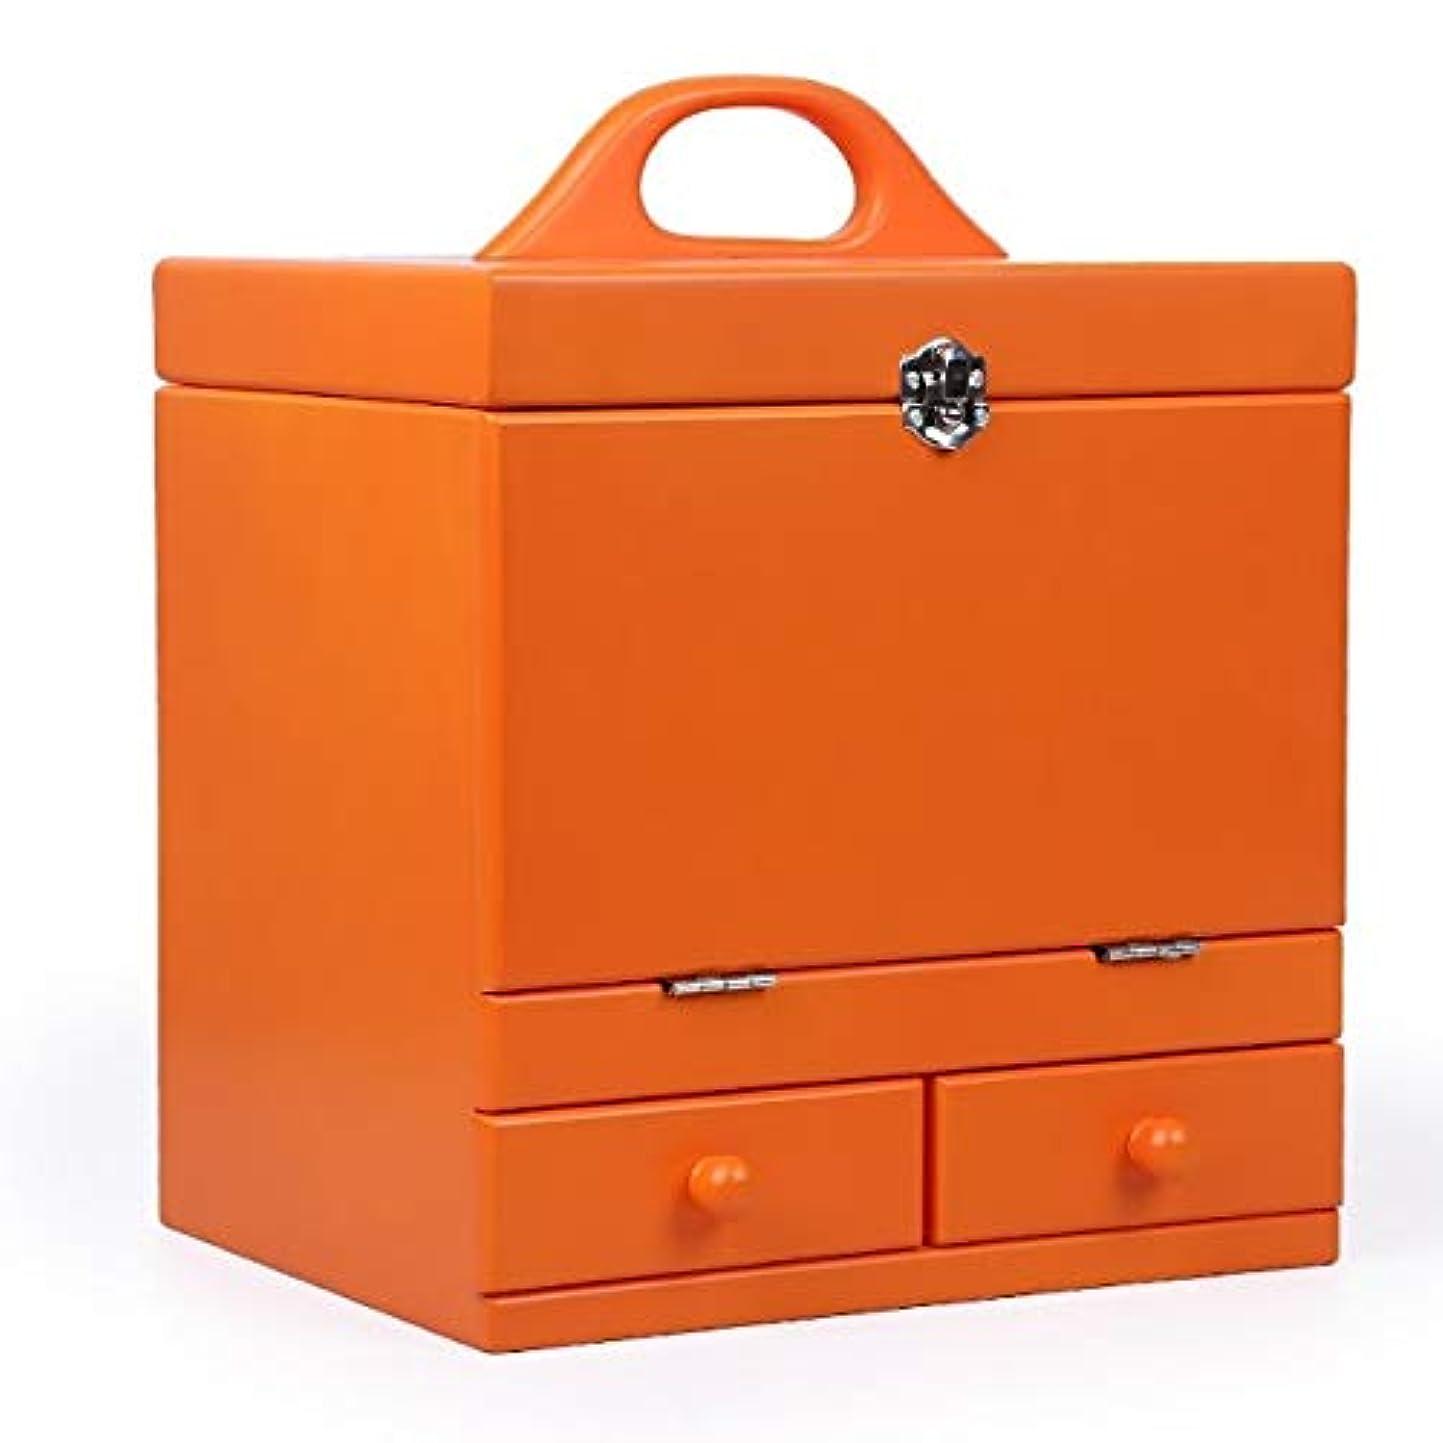 慈善エレガント実証する化粧箱、オレンジ二重デッキヴィンテージ木製彫刻化粧品ケース、ミラー、高級ウェディングギフト、新築祝いギフト、美容ネイルジュエリー収納ボックス